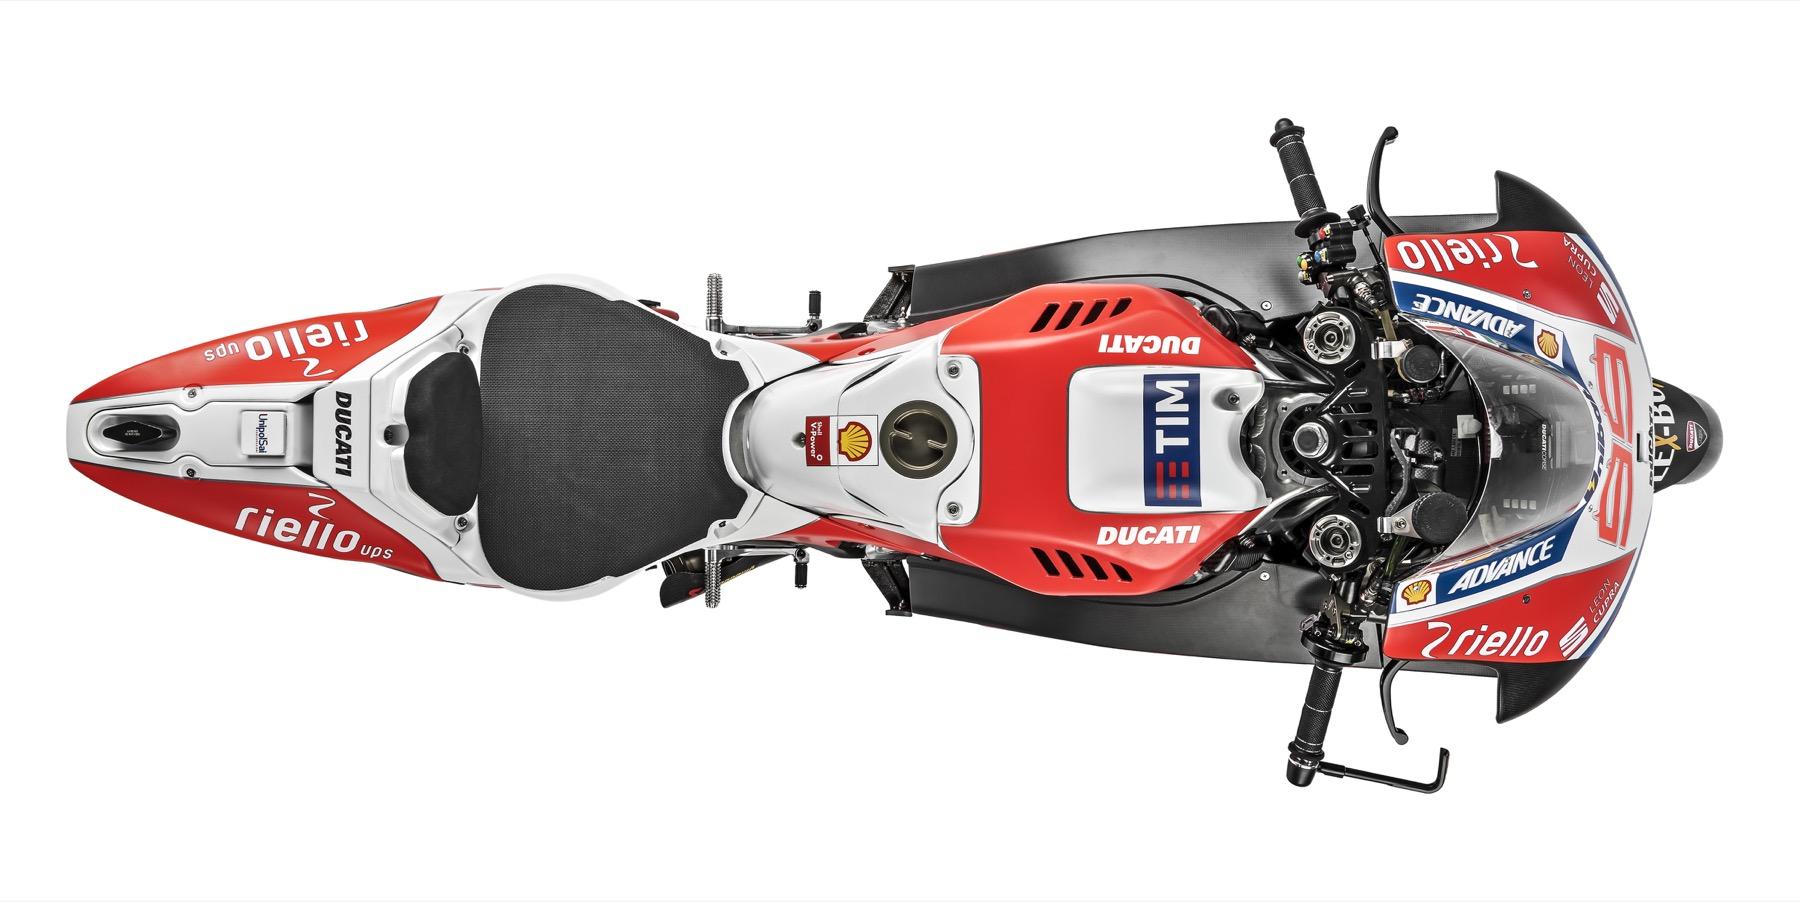 Ducati MotoGP 2017, Jorge Lorenzo y Andrea Dovizioso